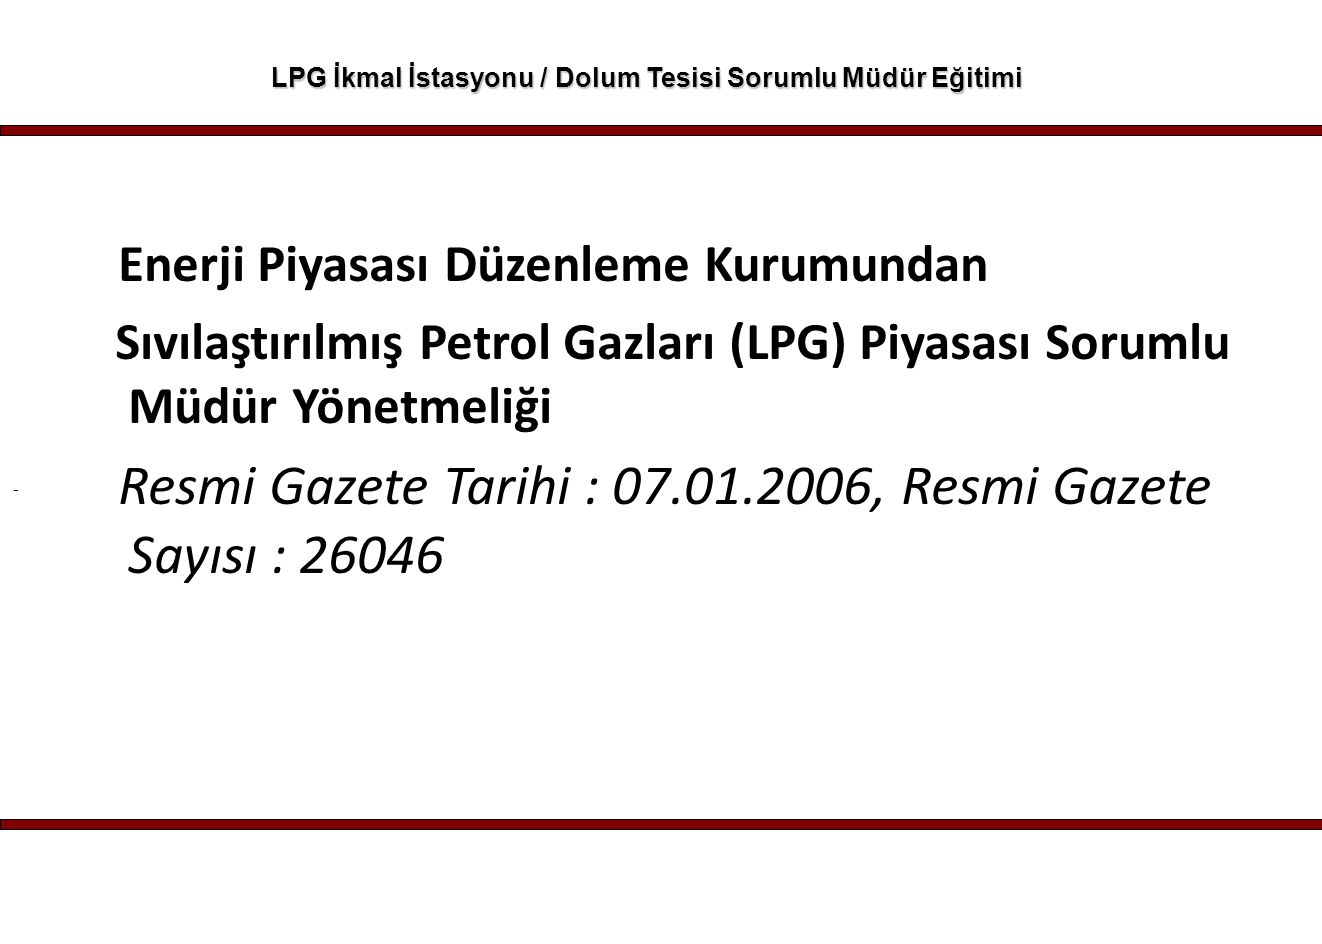 - LPG İkmal İstasyonu / Dolum Tesisi Sorumlu Müdür Eğitimi LPG Piyasası İle İlgili Teknik Düzenlemeler ve Uygulamalar 1) LPG Tesislerinin Kuruluşu İşletilmesi Ruhsatlandırılması 2) LPG Otogaz İstasyonu veya Dolum Tesisi Kişisel Koruyucu Malzeme Seçimi Kullanımı ve Uygulamaları 3) LPG Otogaz İstasyonu veya Dolum Tesisi Risk Analizi 4) LPG Otogaz İstasyonu veya Dolum Tesisi Ölçme ve Değerlendirme 5) LPG'nin Taşınması ve Depolanması